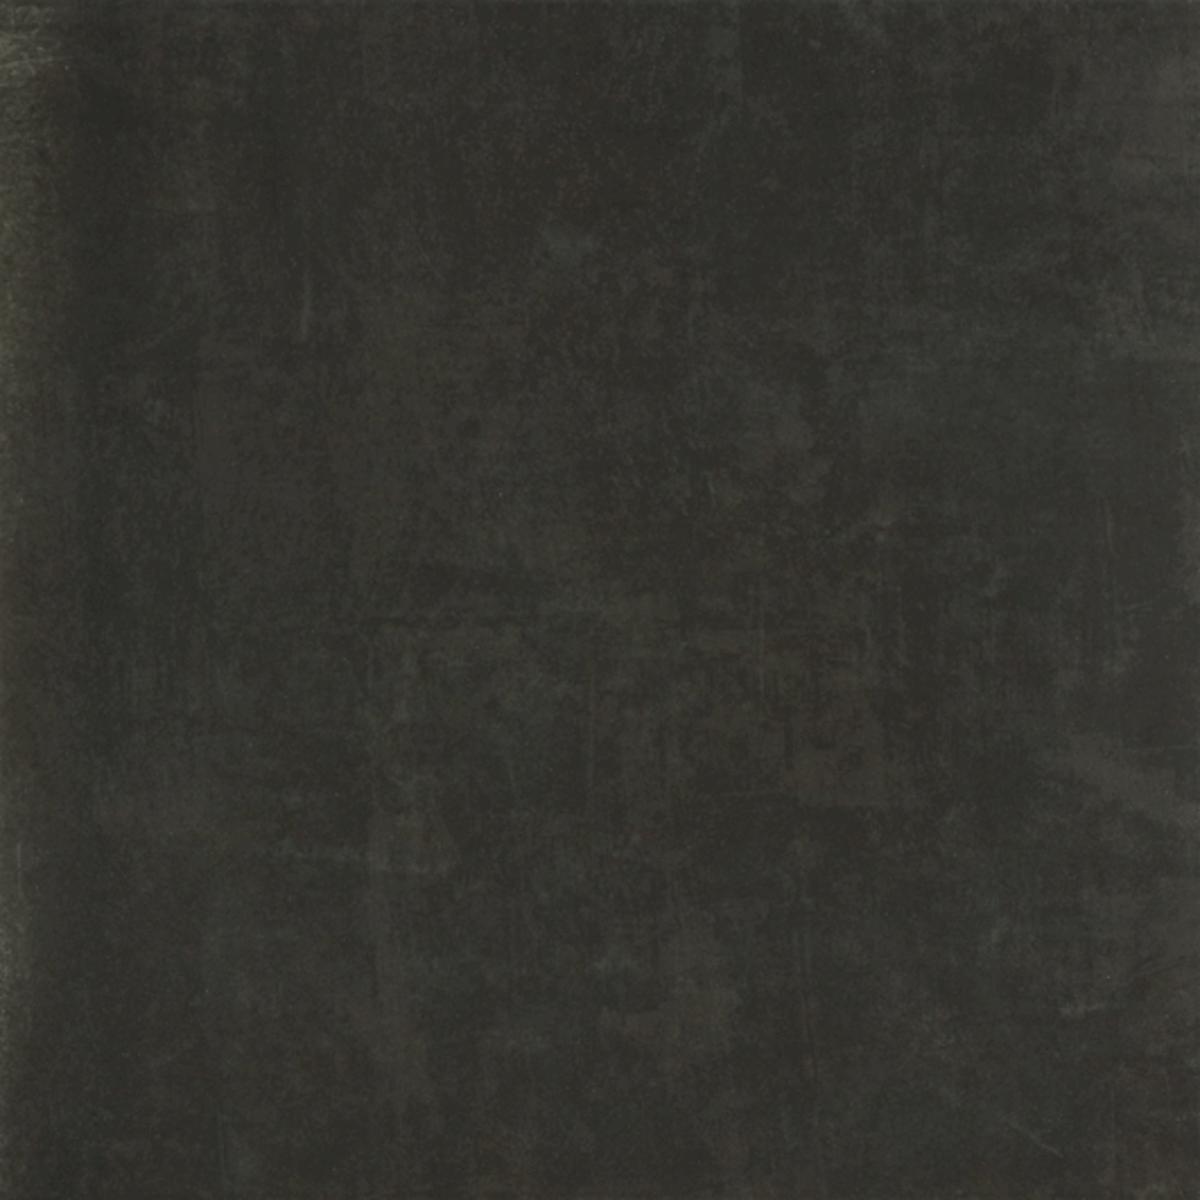 Dlažba Rako Concept čierna 45x45 cm mat DAA44603.1